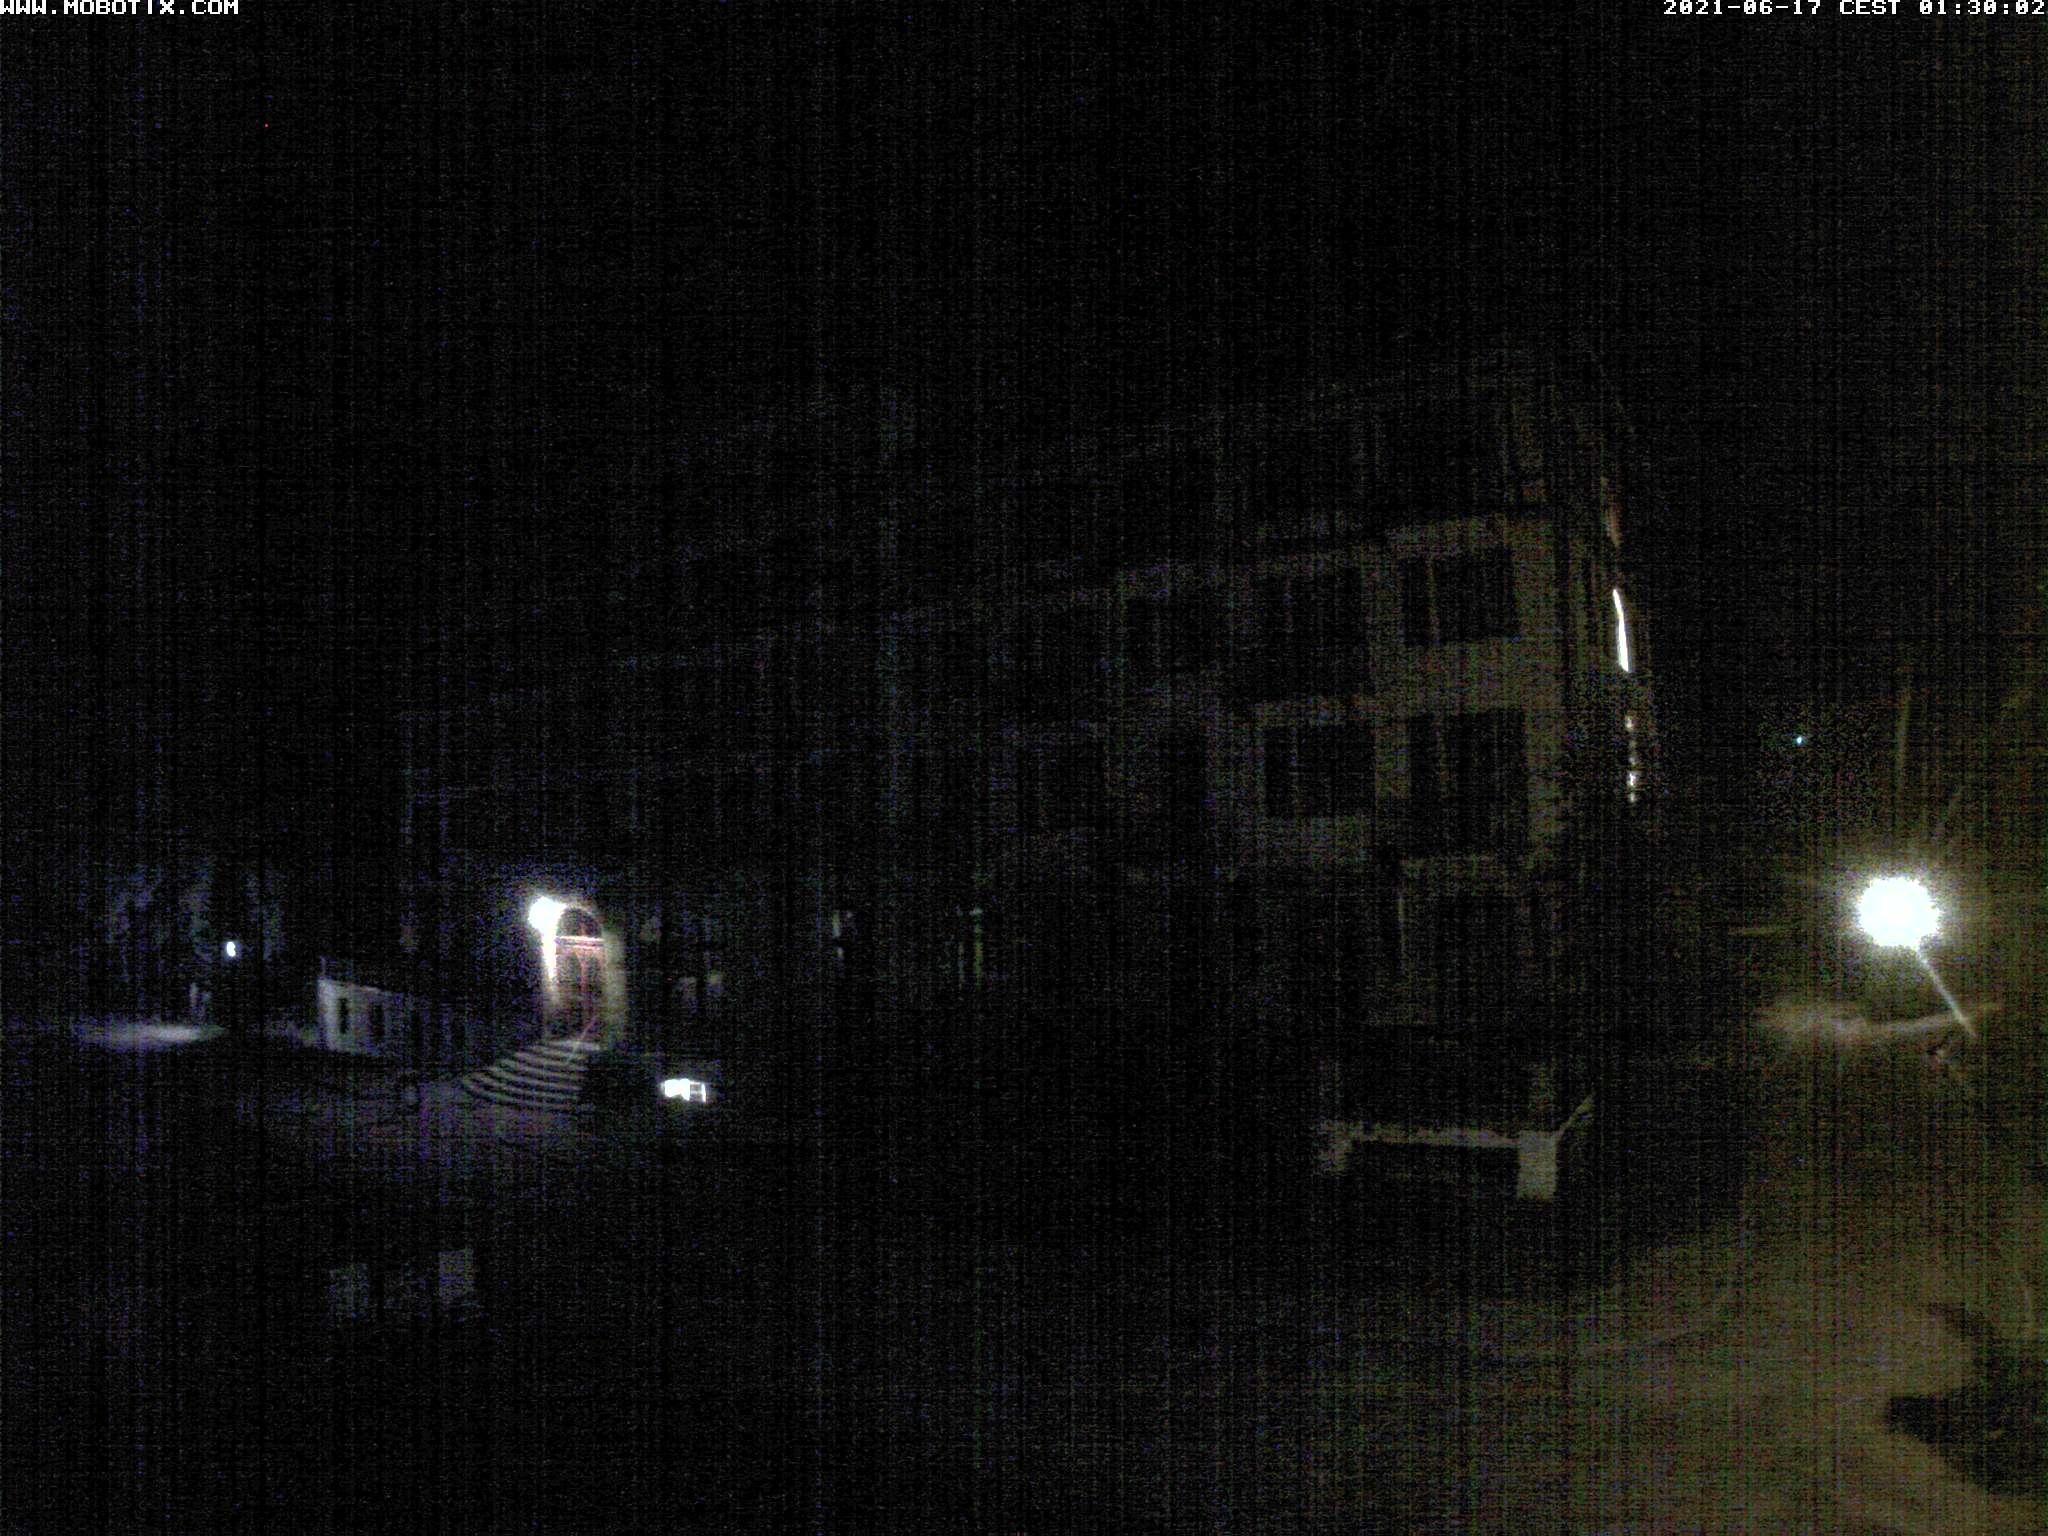 6h ago - 01:30